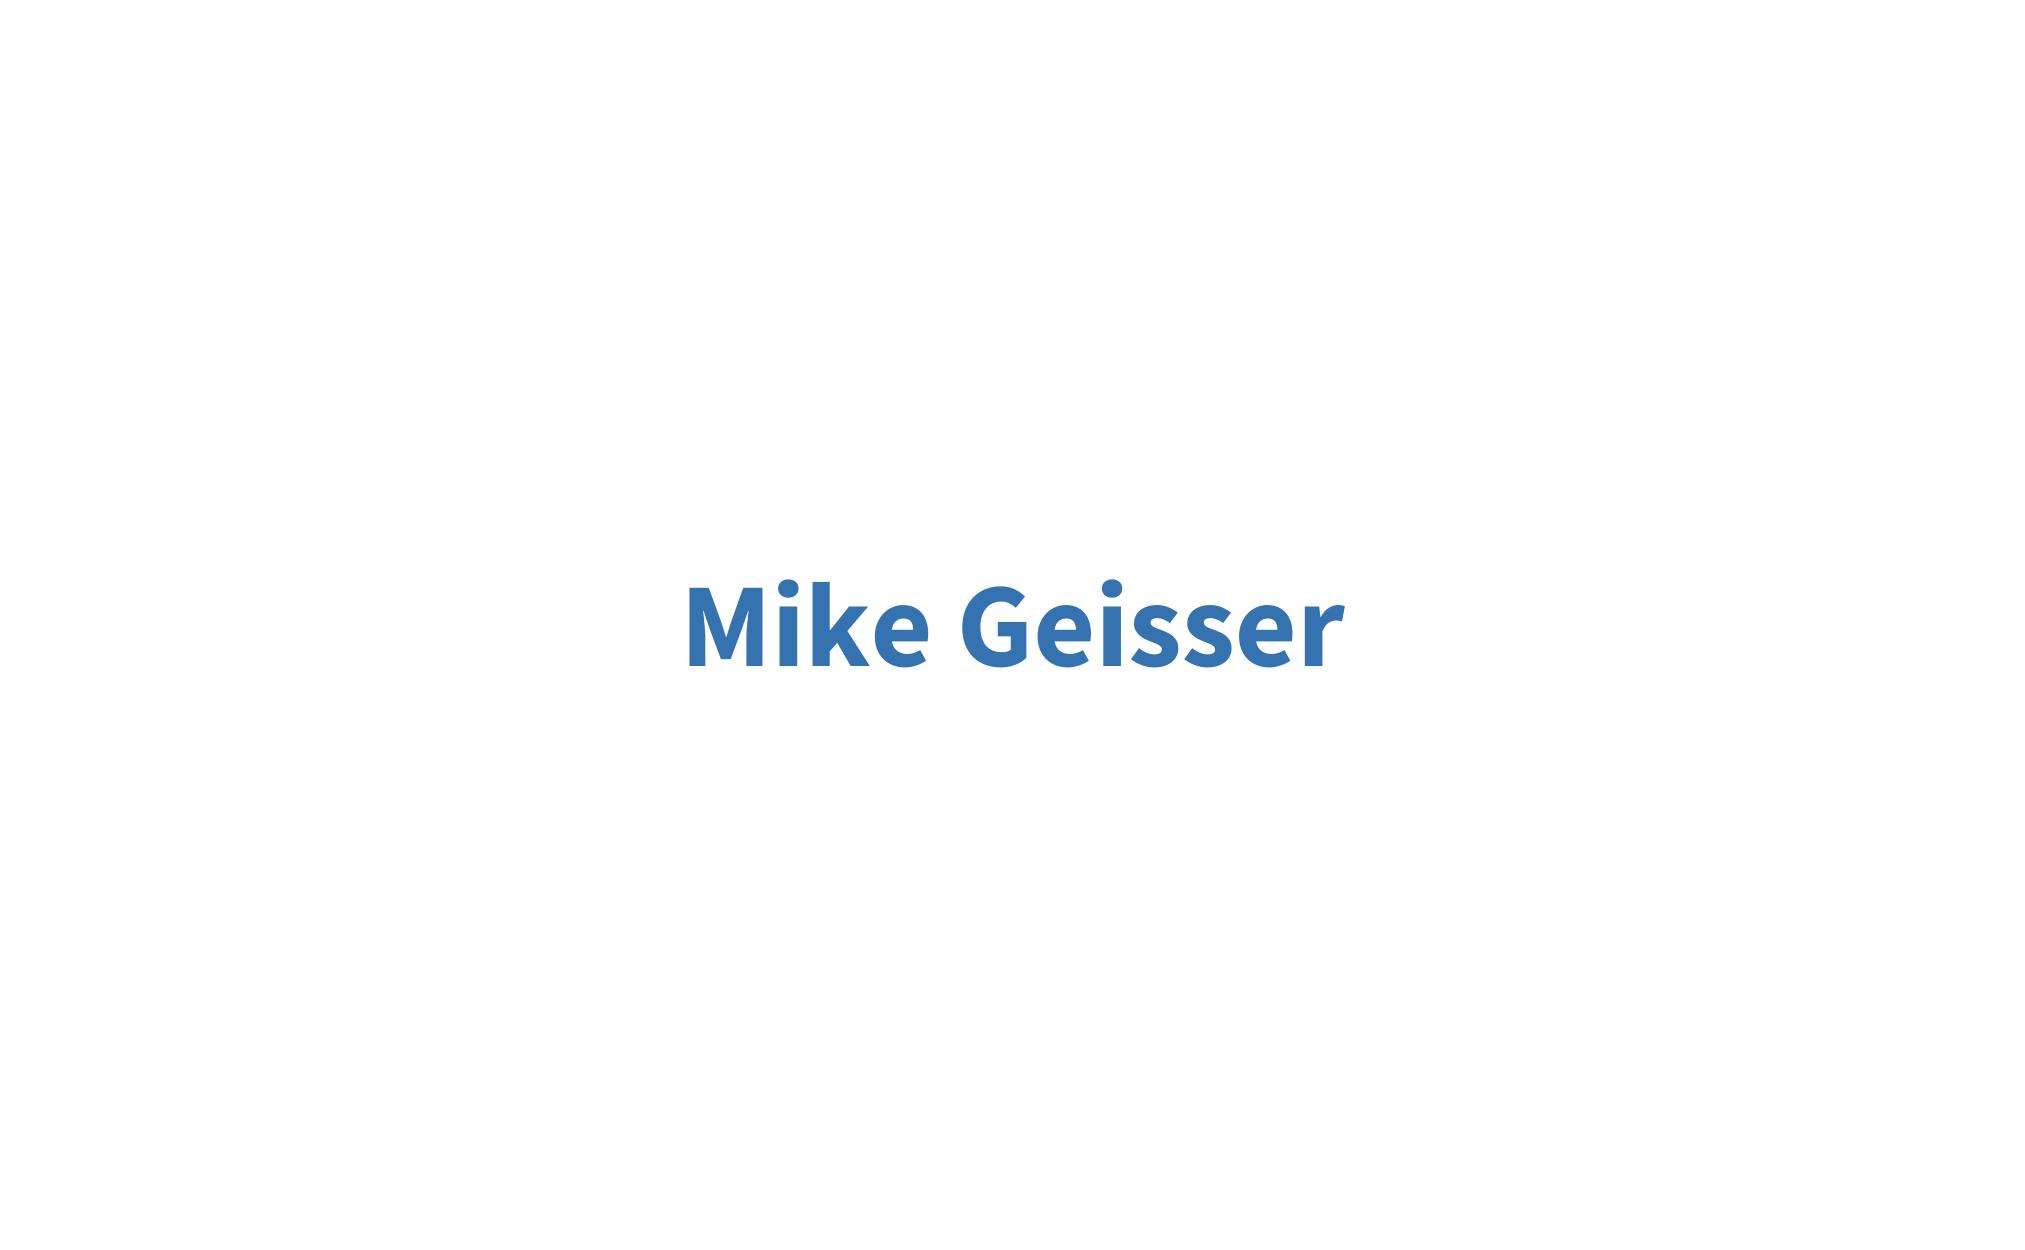 Mike Geisser